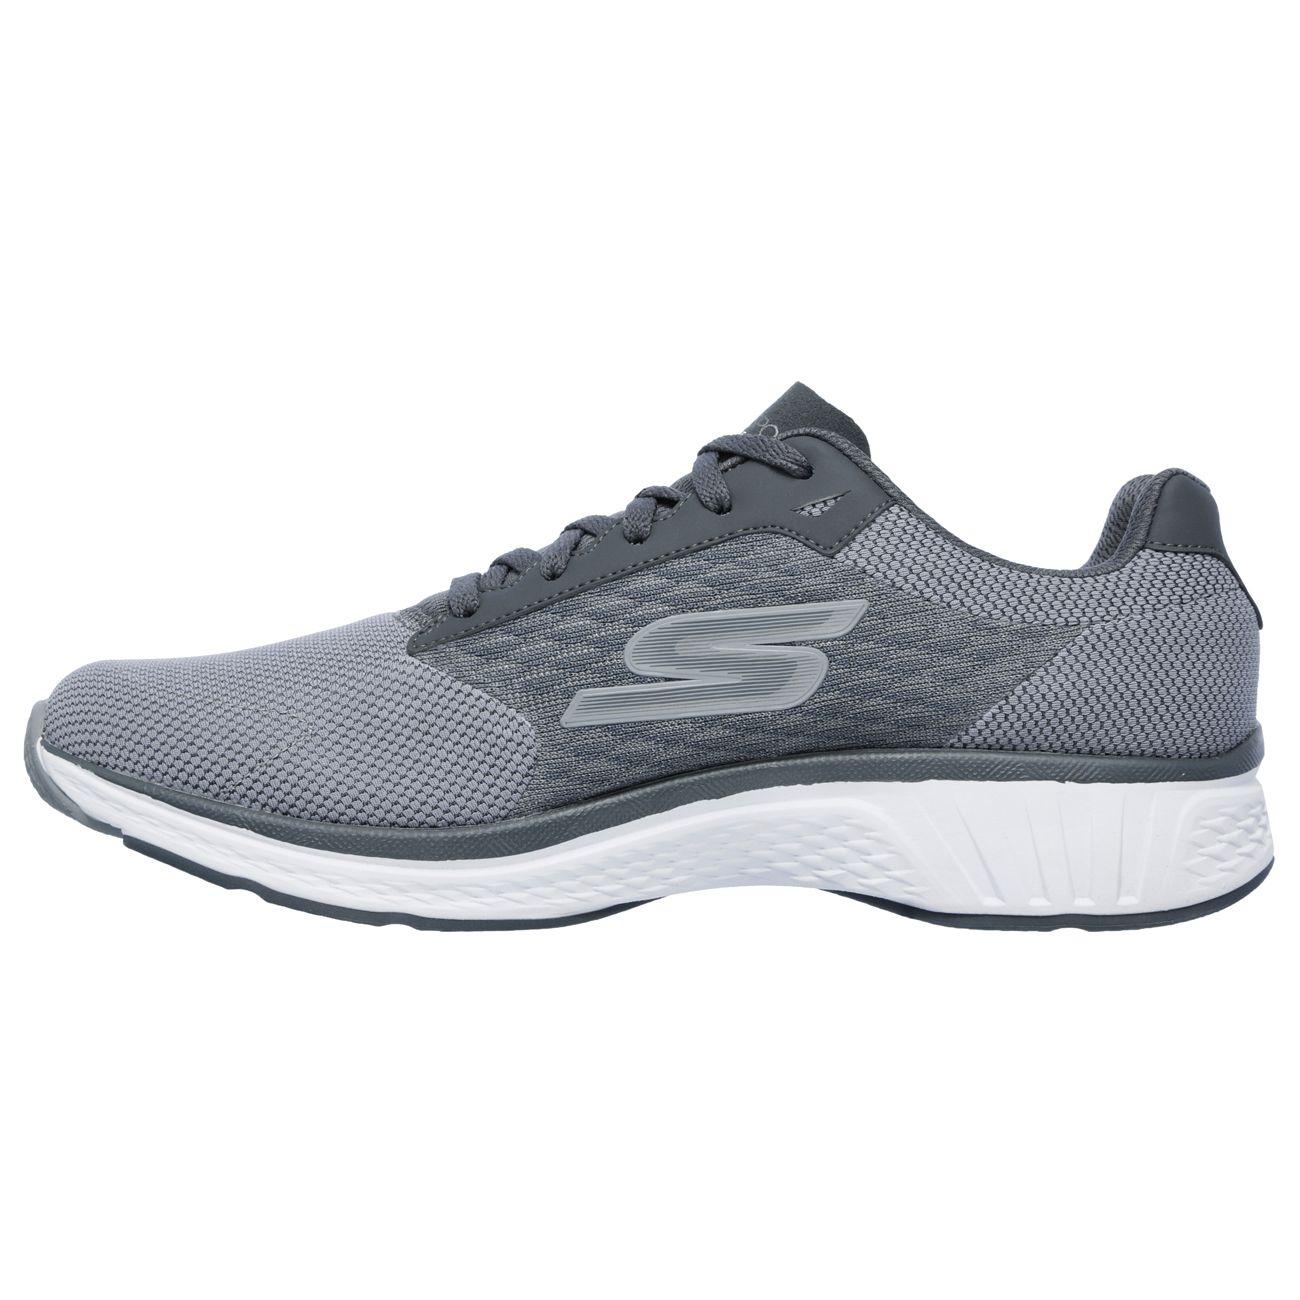 skechers go walk sport lace up mens walking shoes. Black Bedroom Furniture Sets. Home Design Ideas